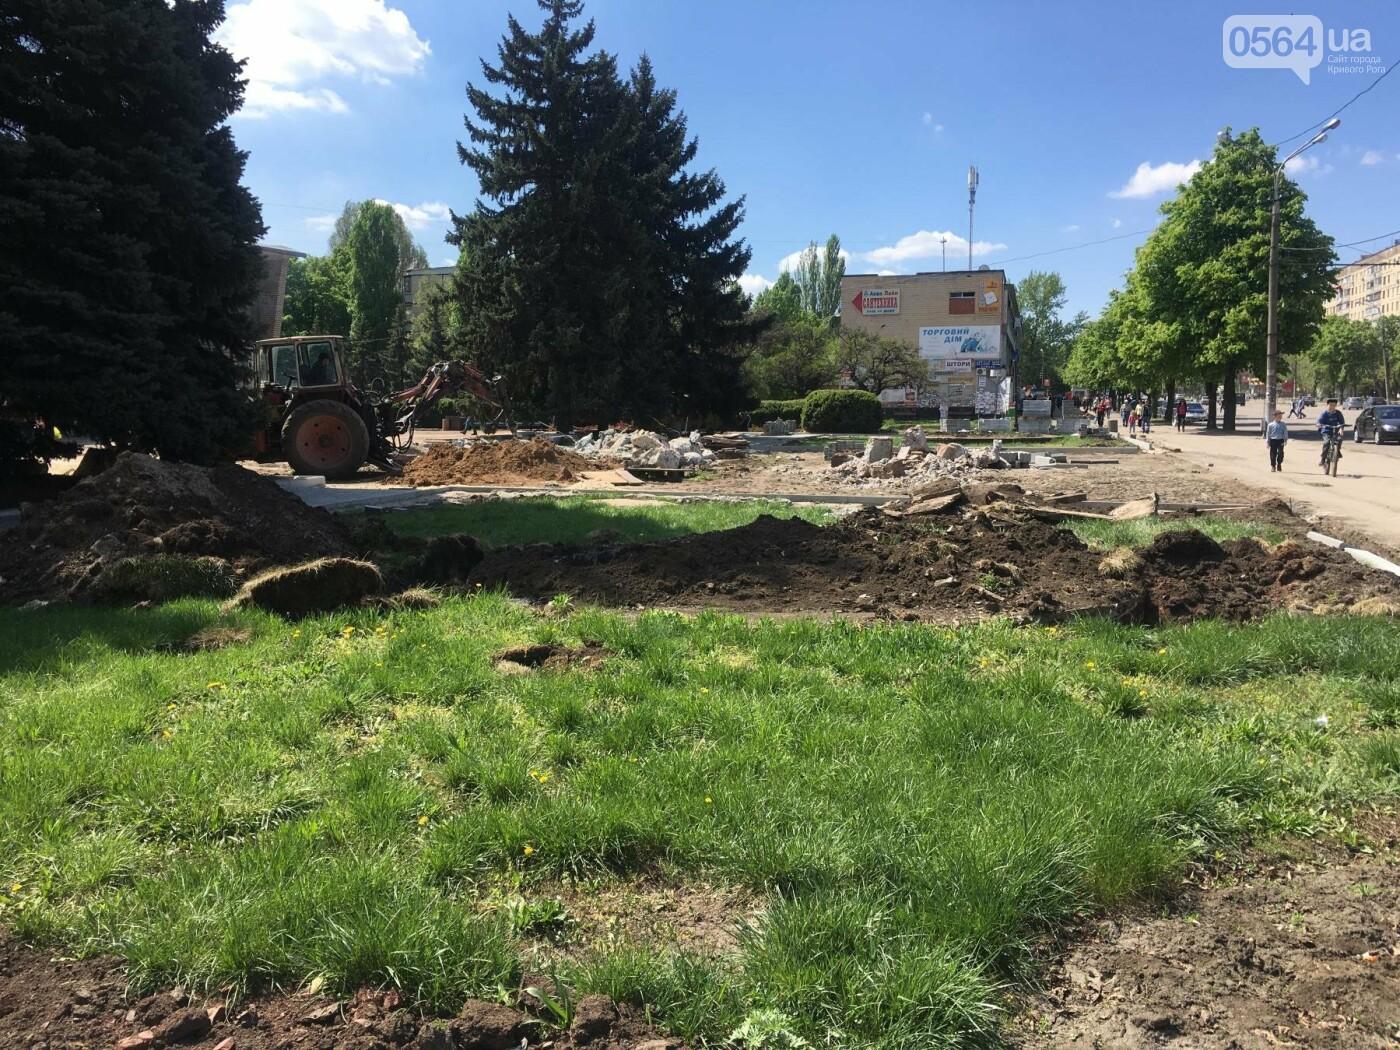 В Кривом Роге перед Дворцом культуры убрали остатки памятника Ленину (ФОТО), фото-21